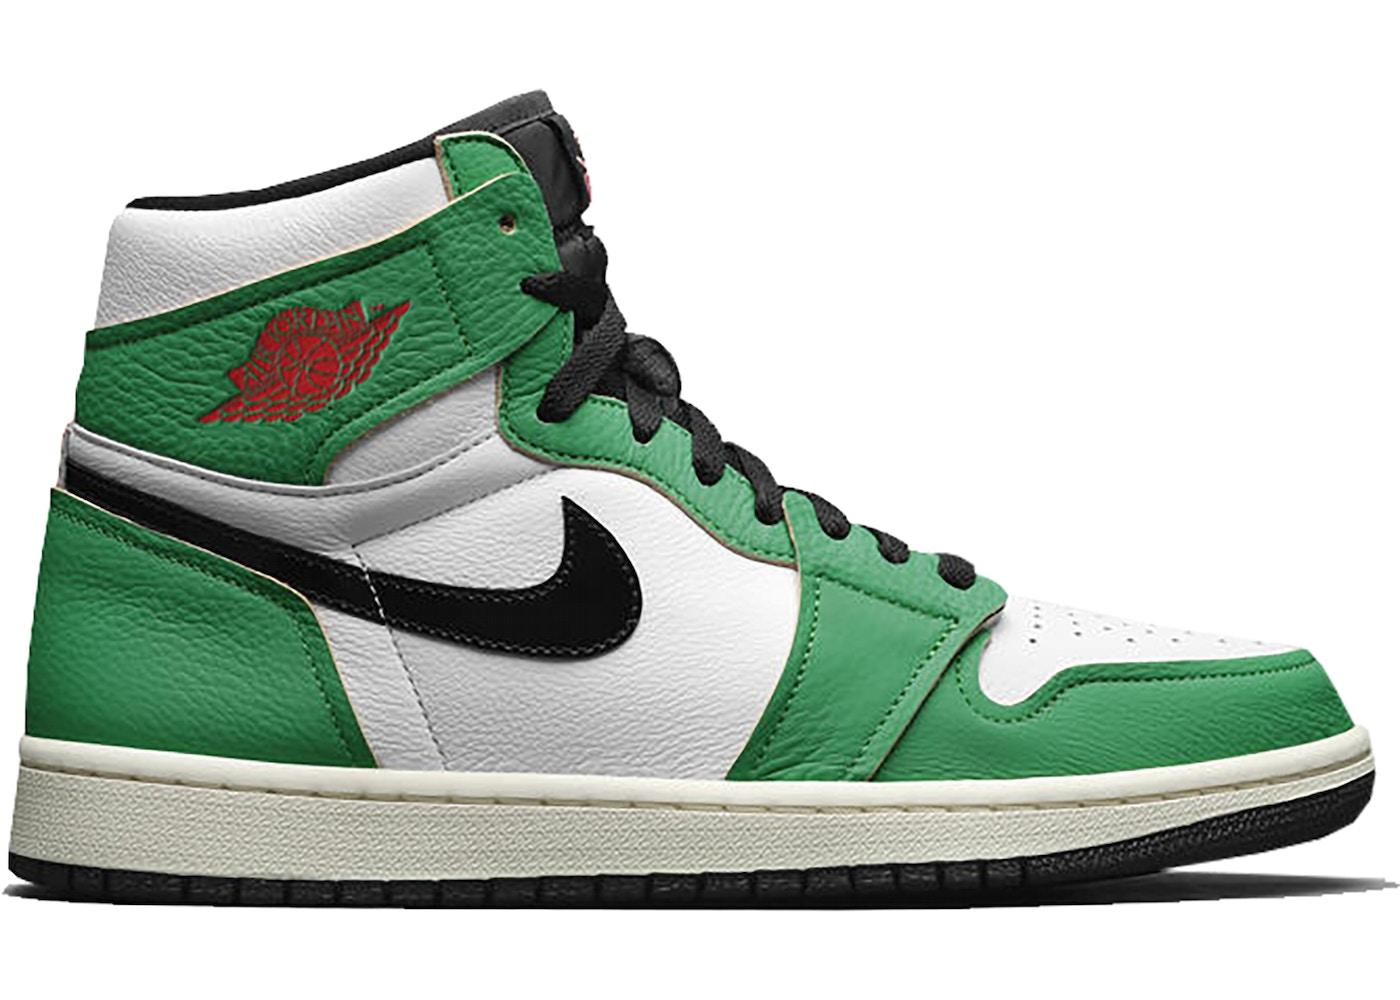 Release Date: Air Jordan 1 High OG WMNS Lucky Green